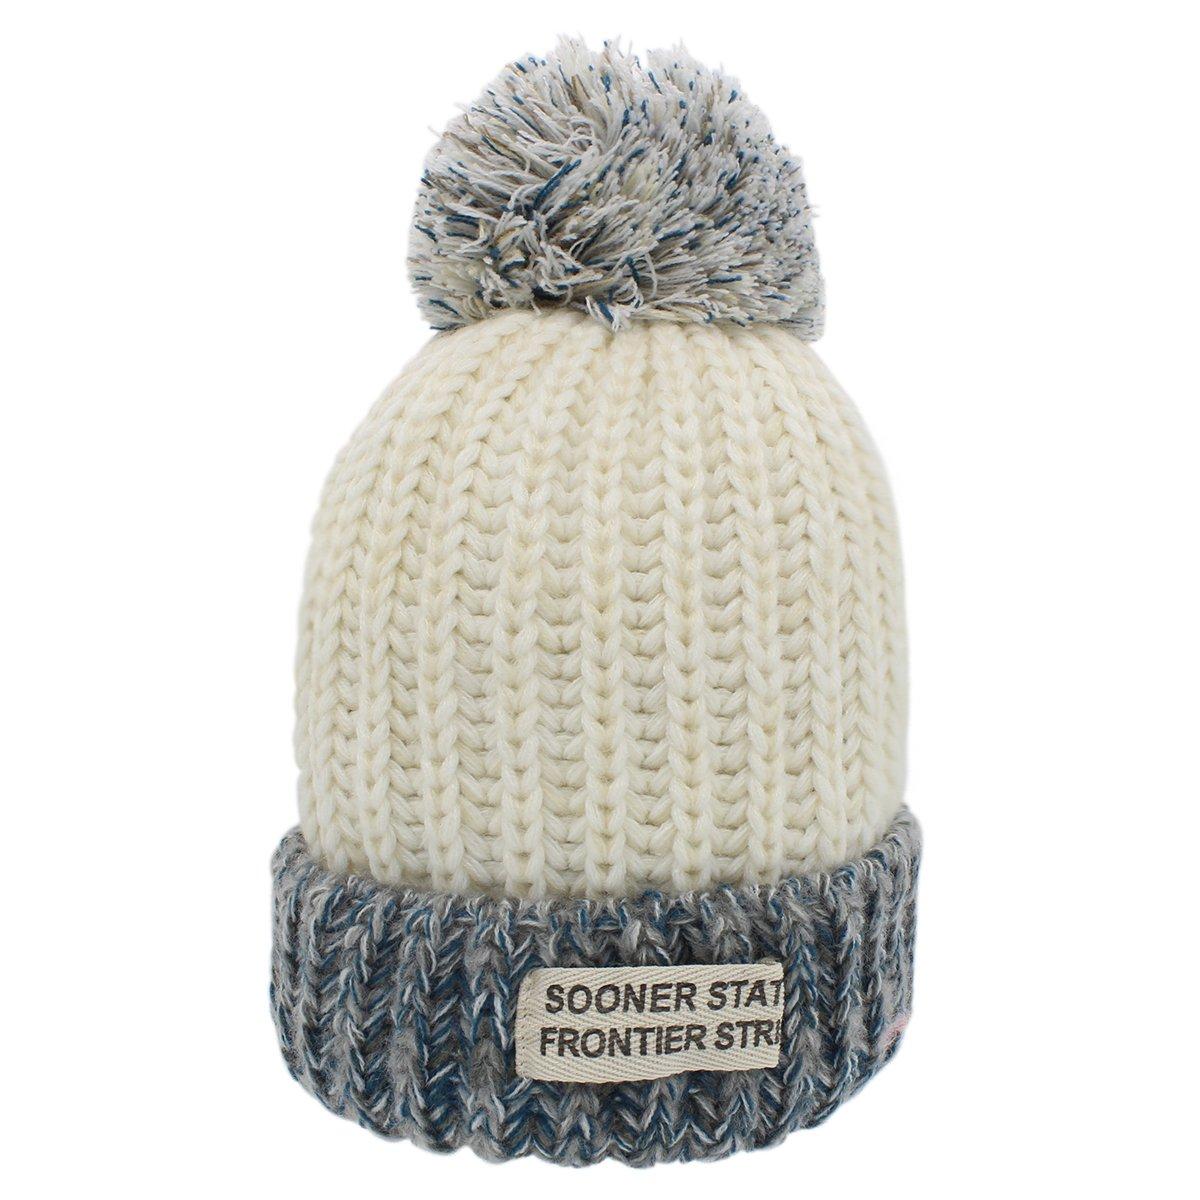 Sombreros de invierno para mujer - YOPINDO Bobble sombrero para mujer Tejer  gorros de lana Snowboard b34c72aac2a